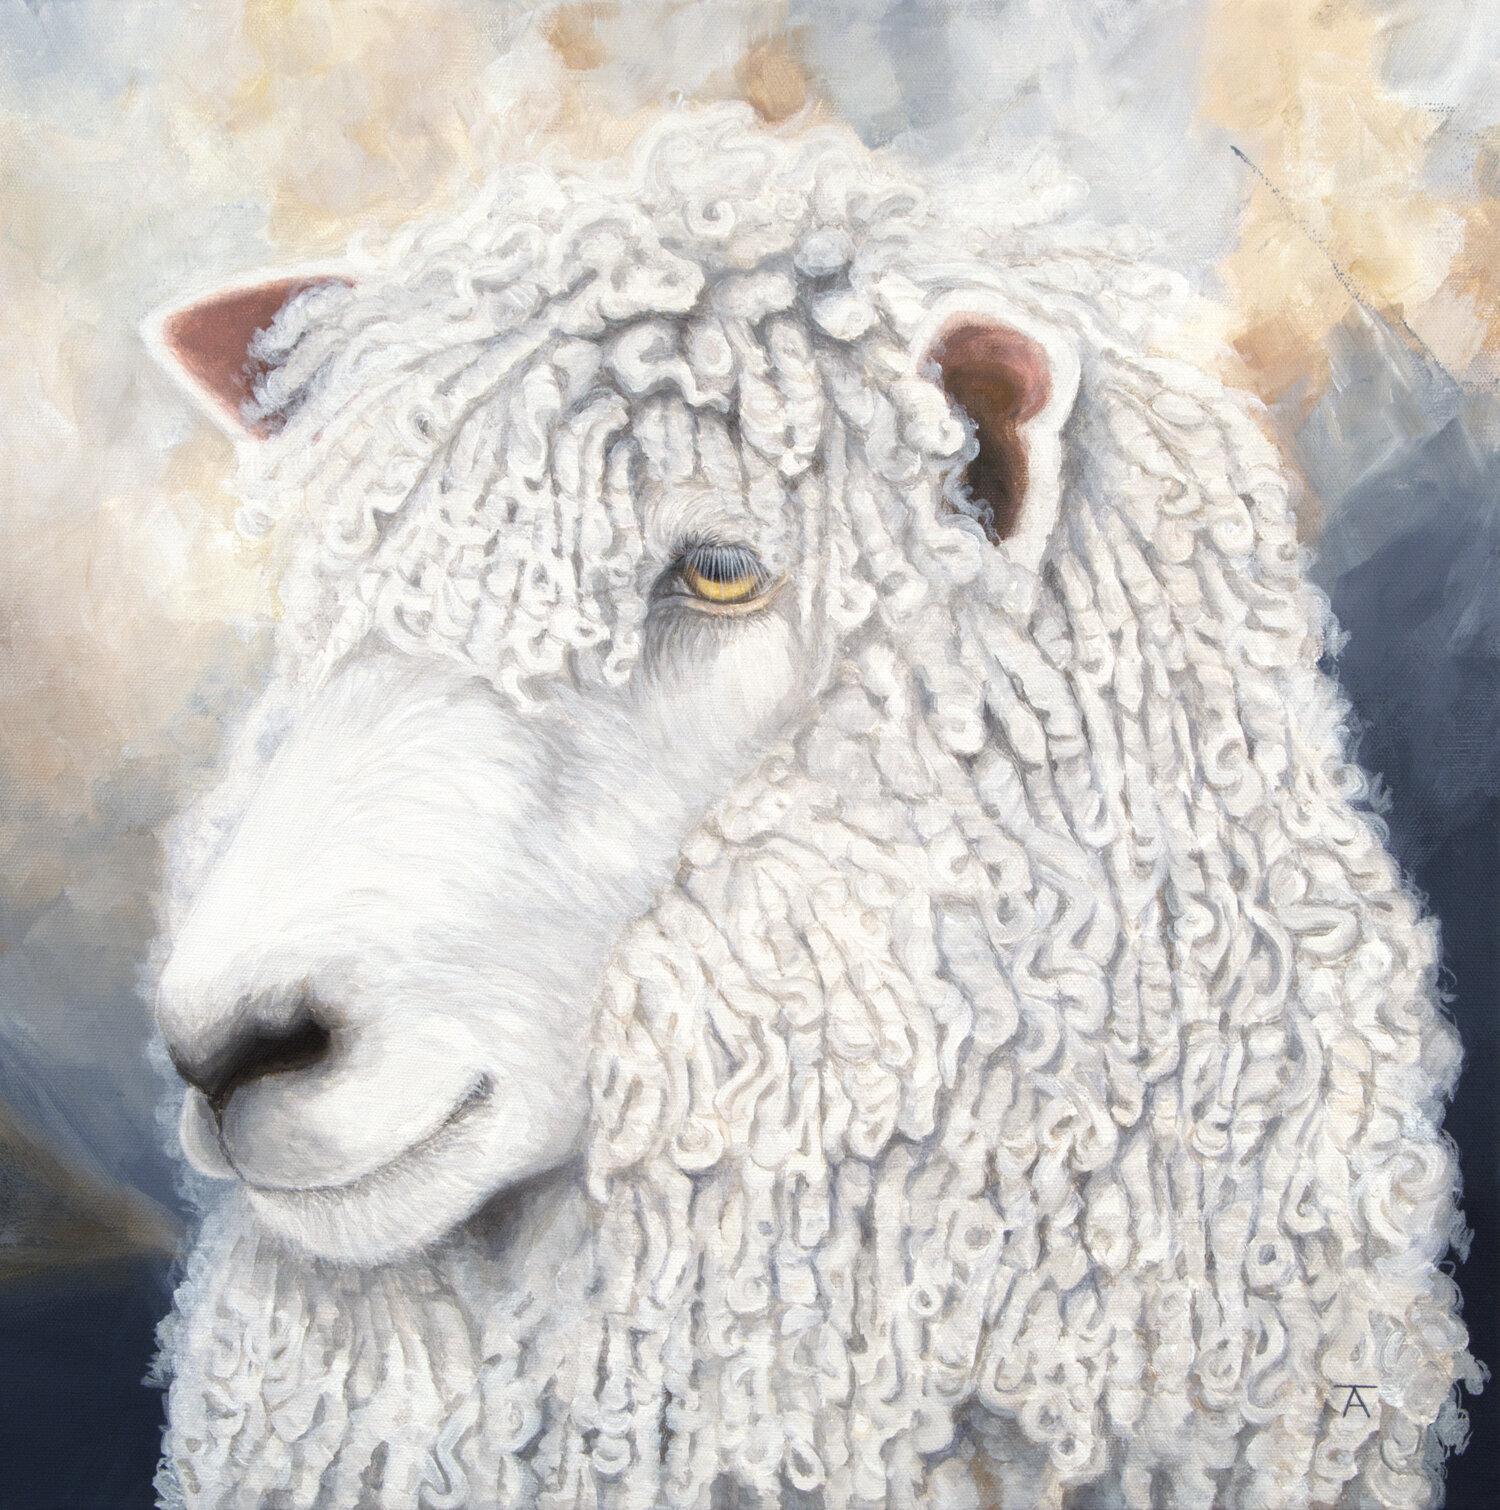 ewe were always on my mind